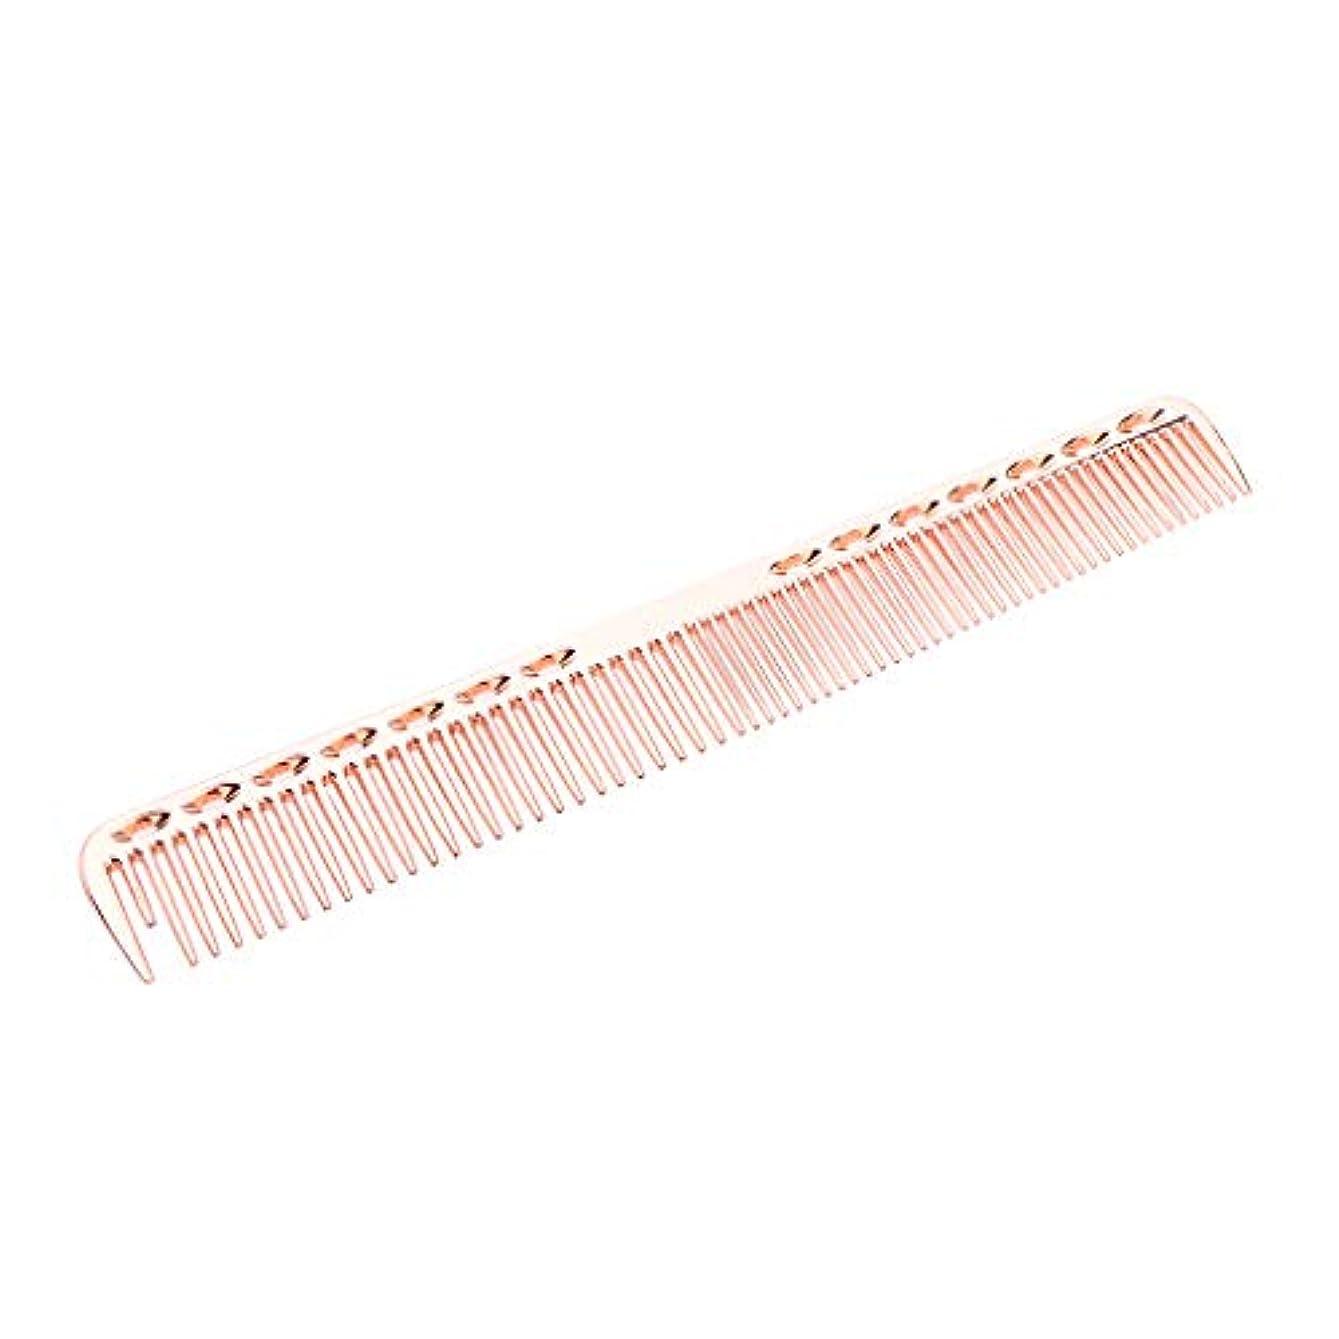 ゾーンオフ正当化する帯電防止櫛 頭皮マッサージ ヘアコーム ヘアブラシ 5色選べ - ローズピンク